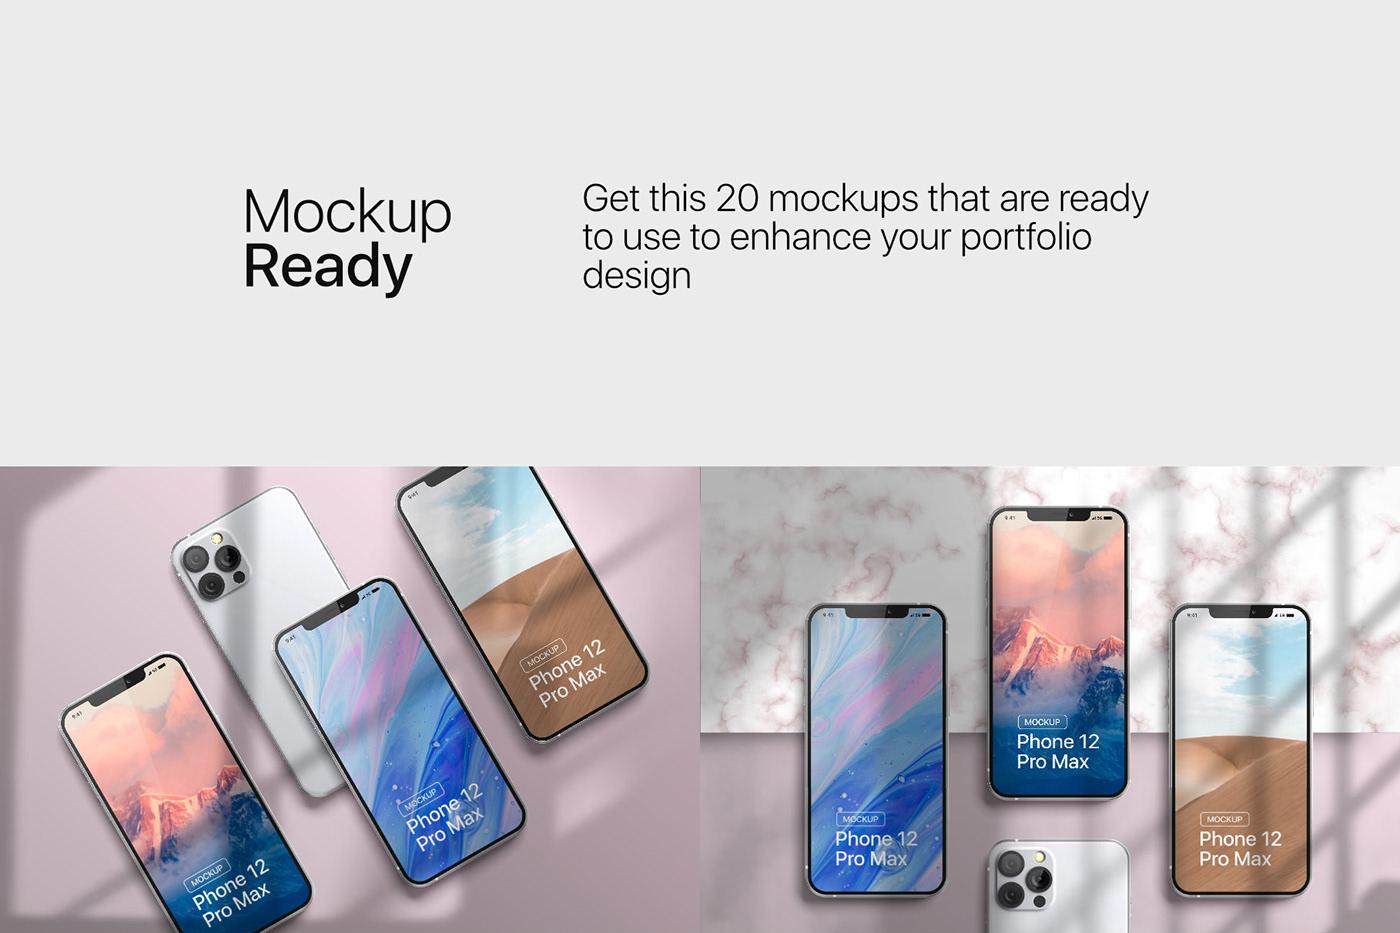 20款时尚苹果iPhone 12 Pro手机APP应用设计屏幕演示样机模板 iPhone 12 Pro Max Mockup插图4